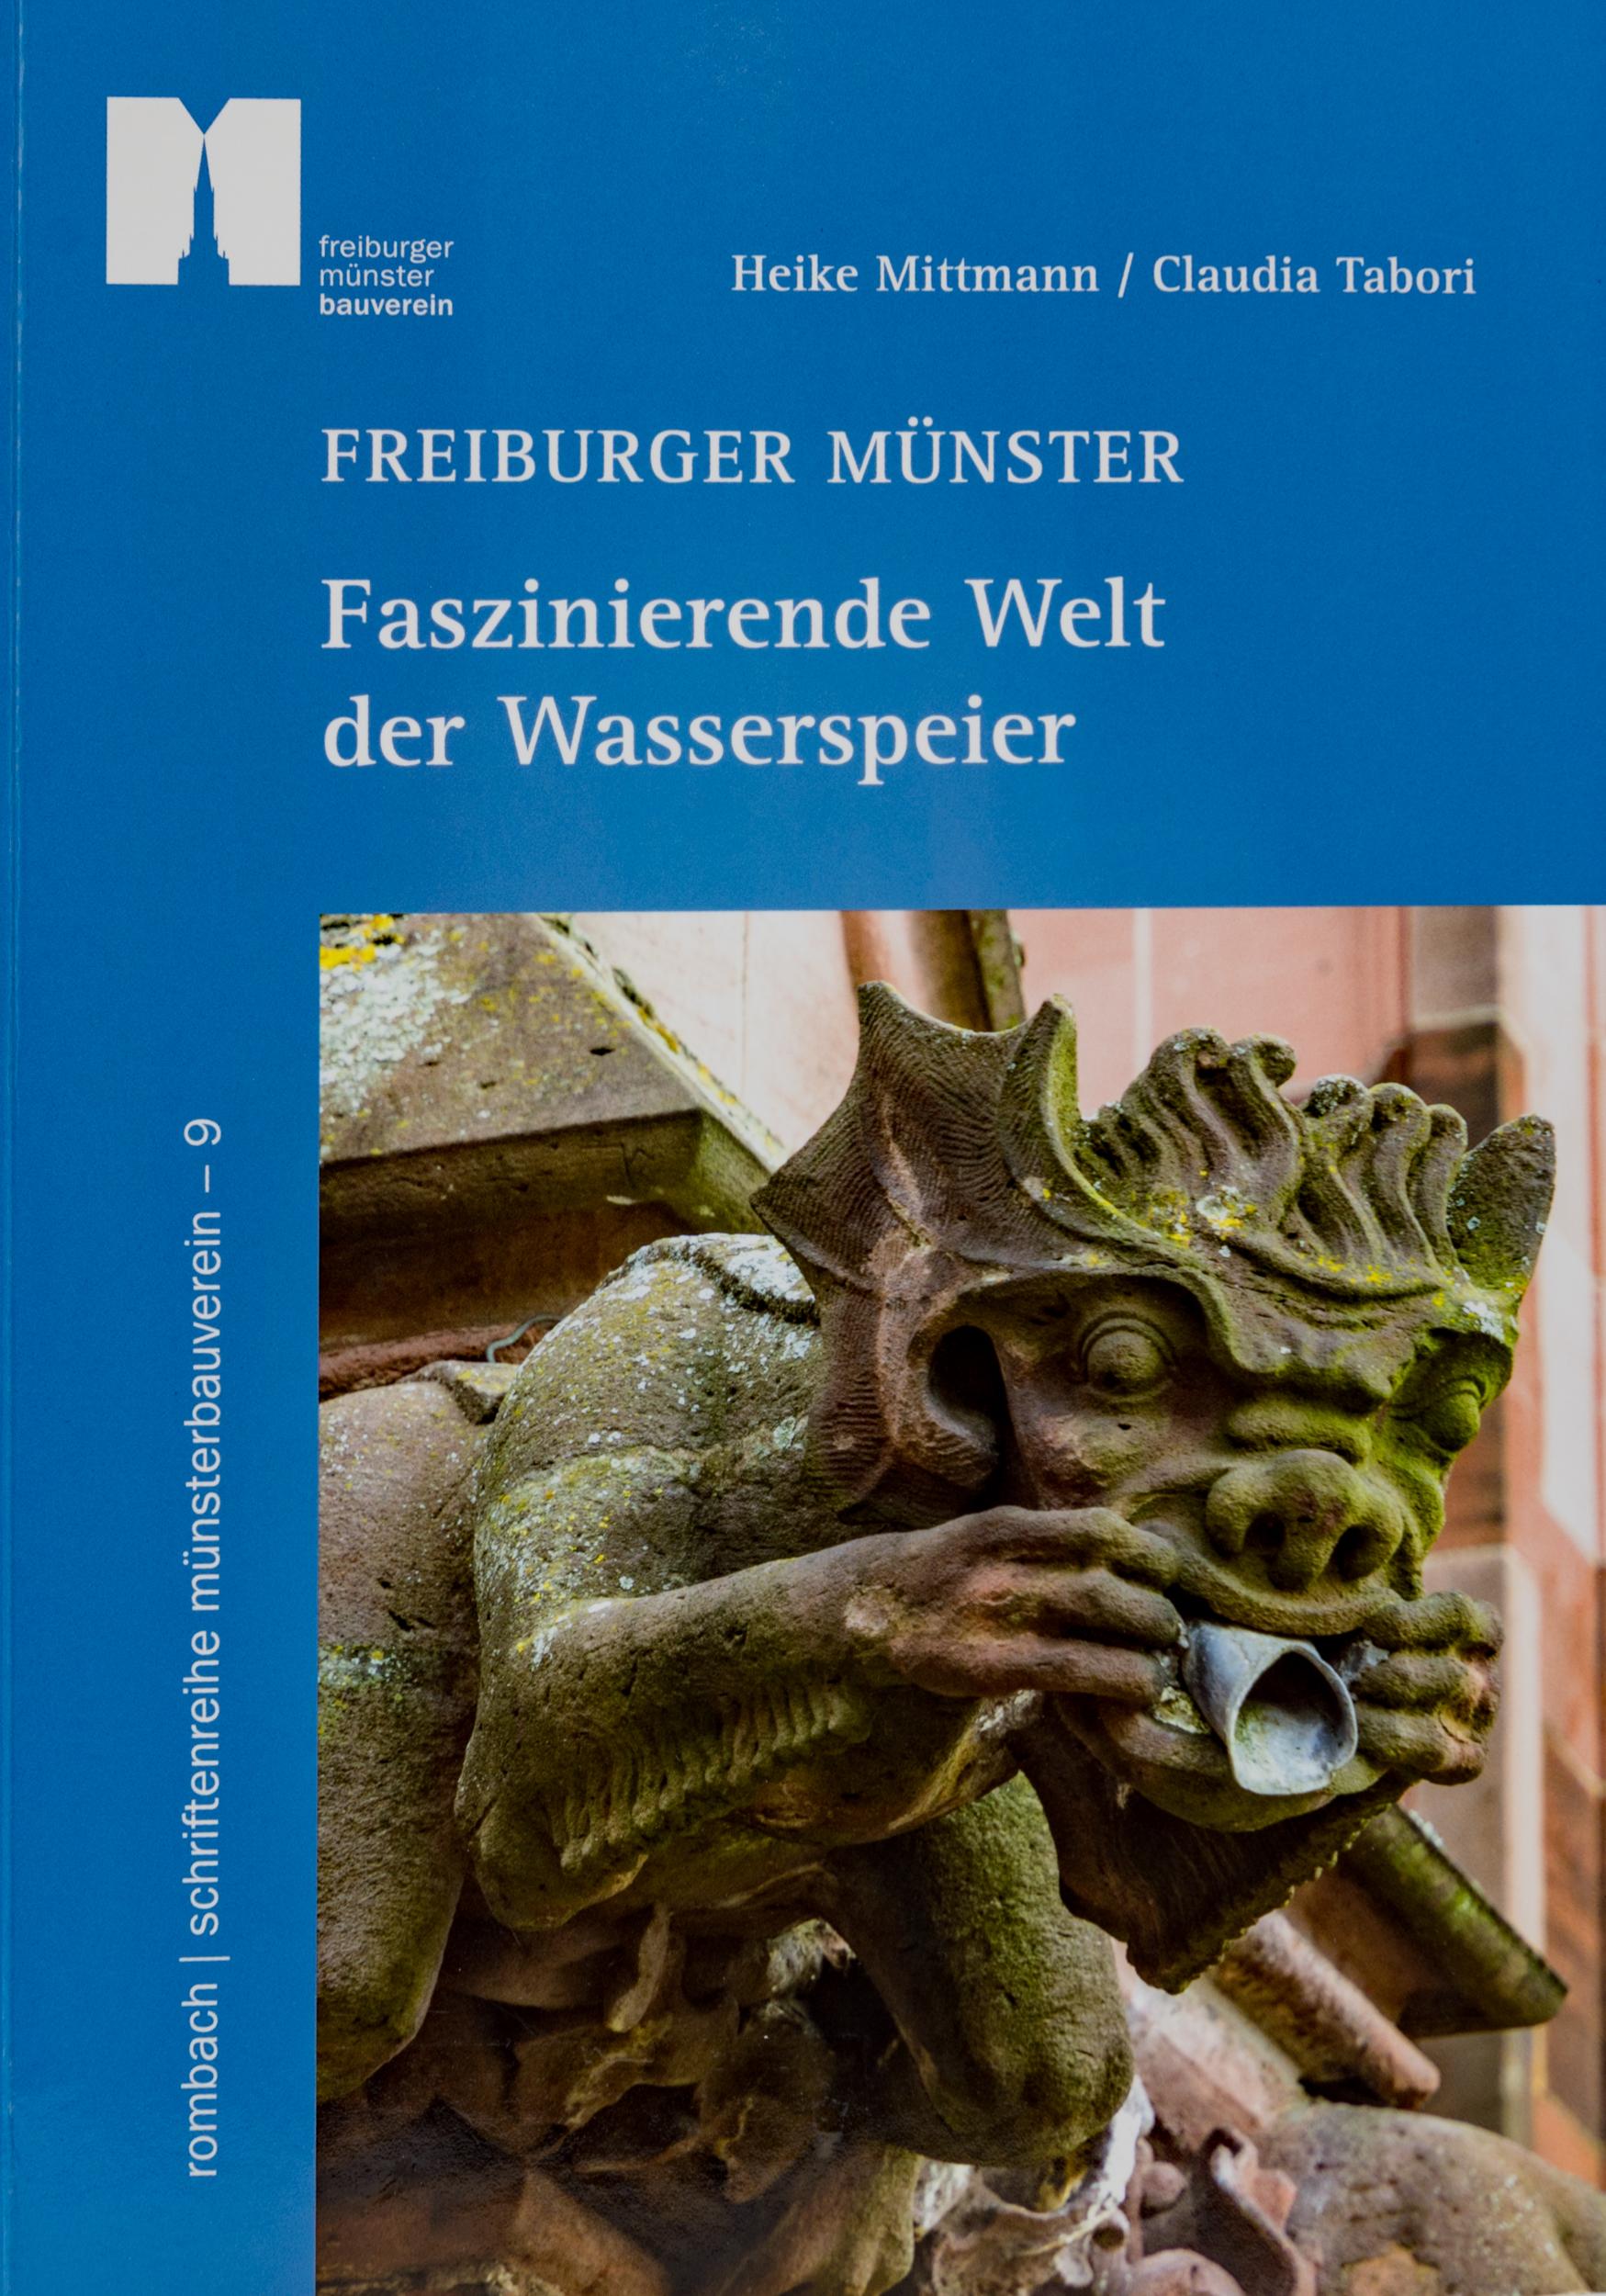 Münsterladen Freiburg Buch Geschenk Faszinierende Wasserspeier